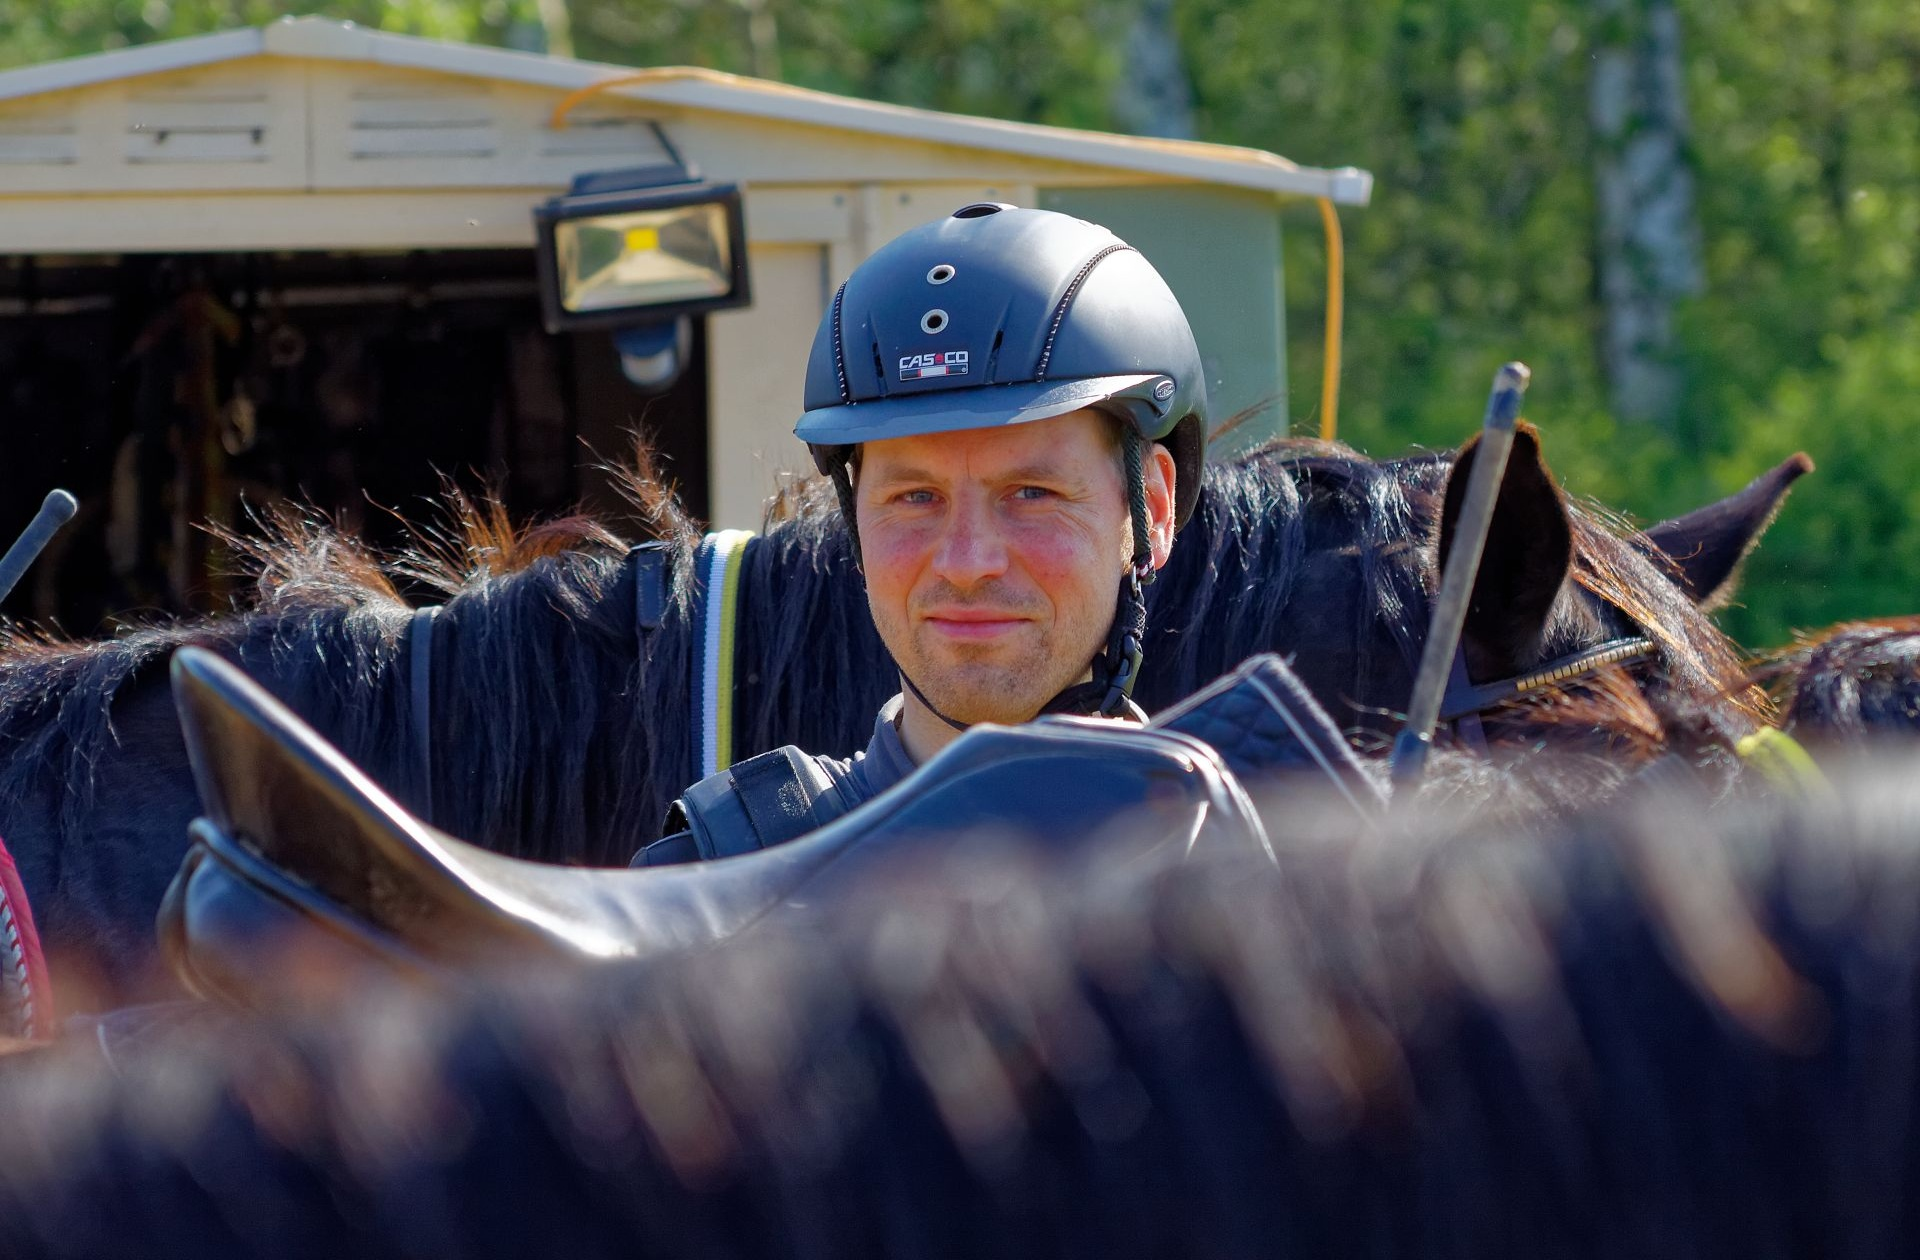 Týdenní prázdninové akce zaměřené na jízdy na koních